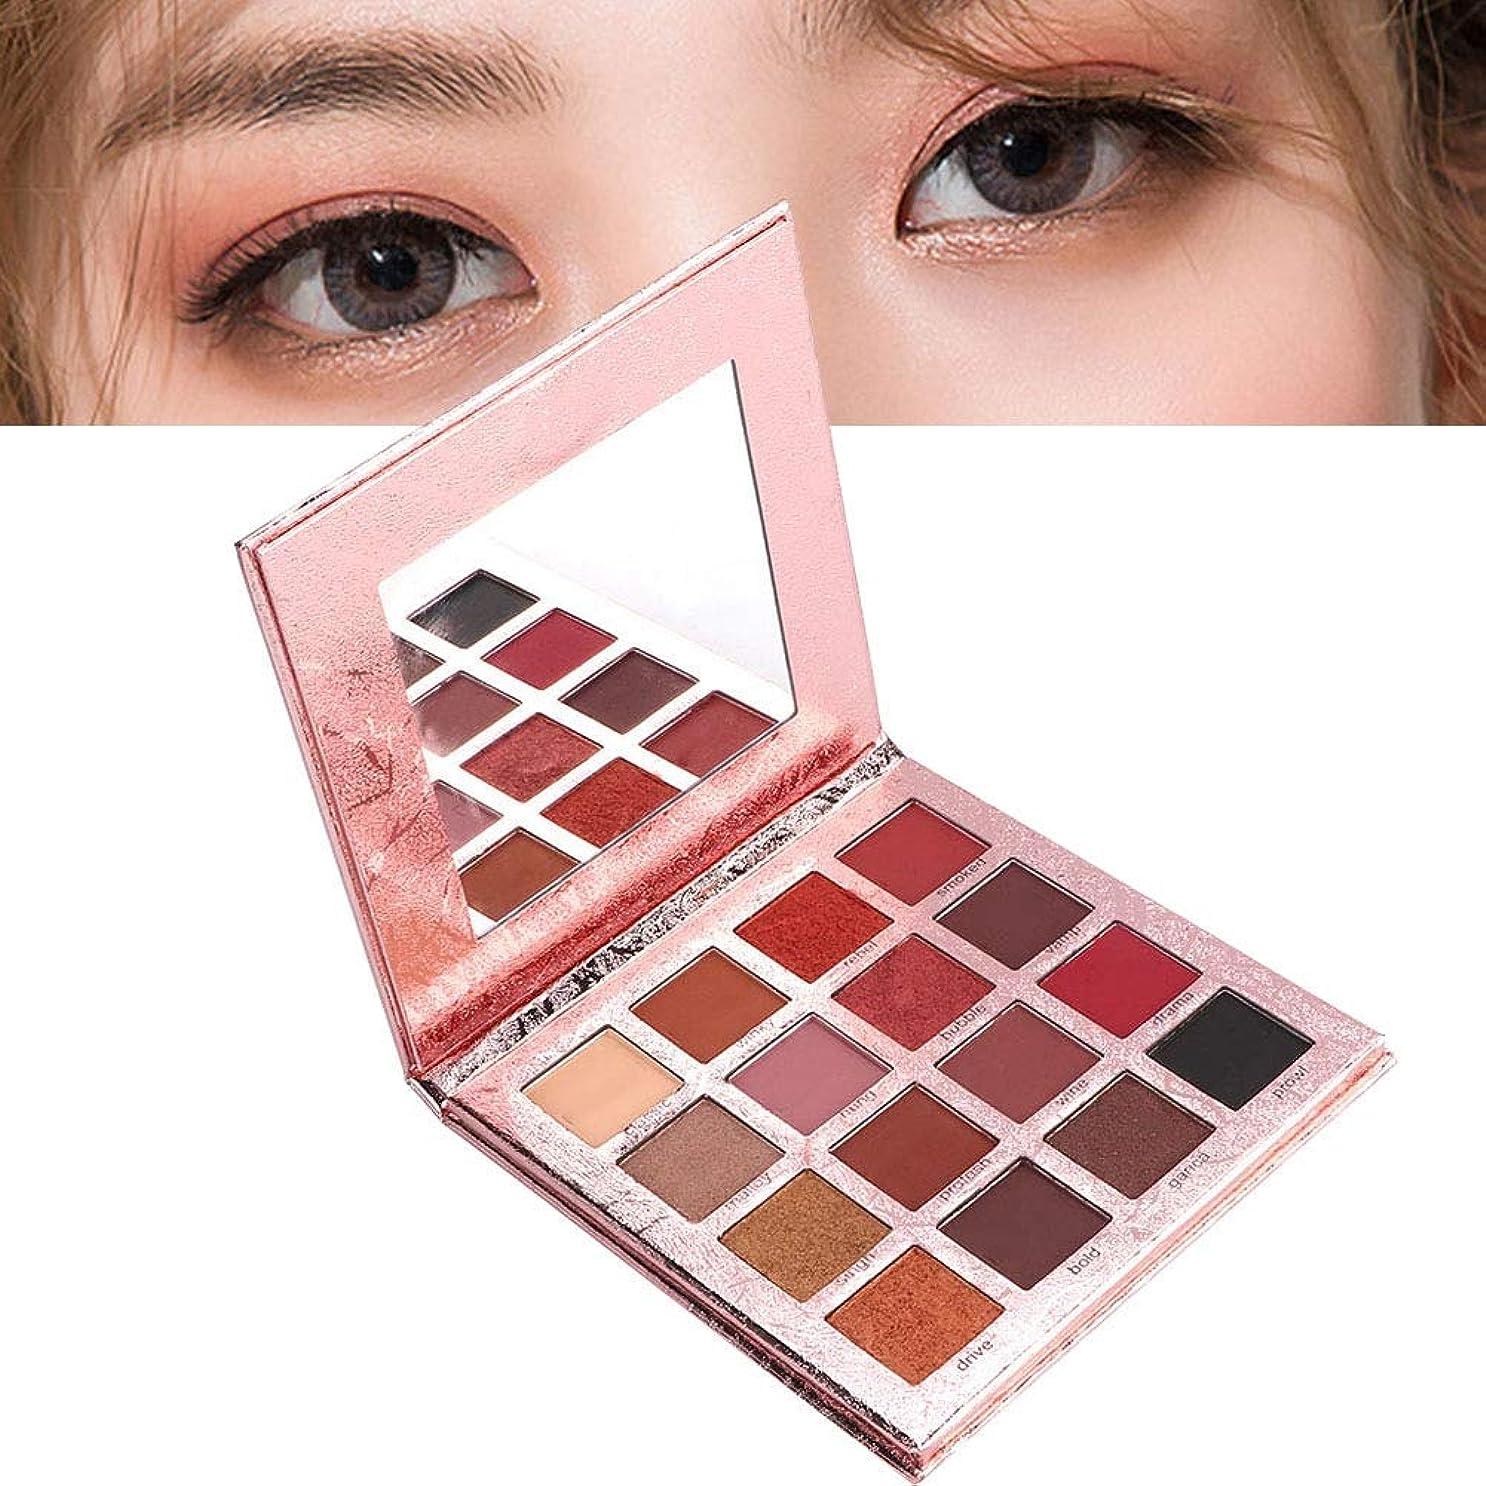 ピッチャーパックそれるアイシャドウパレット 16色 化粧マット 化粧品ツール グロス アイシャドウパウダー